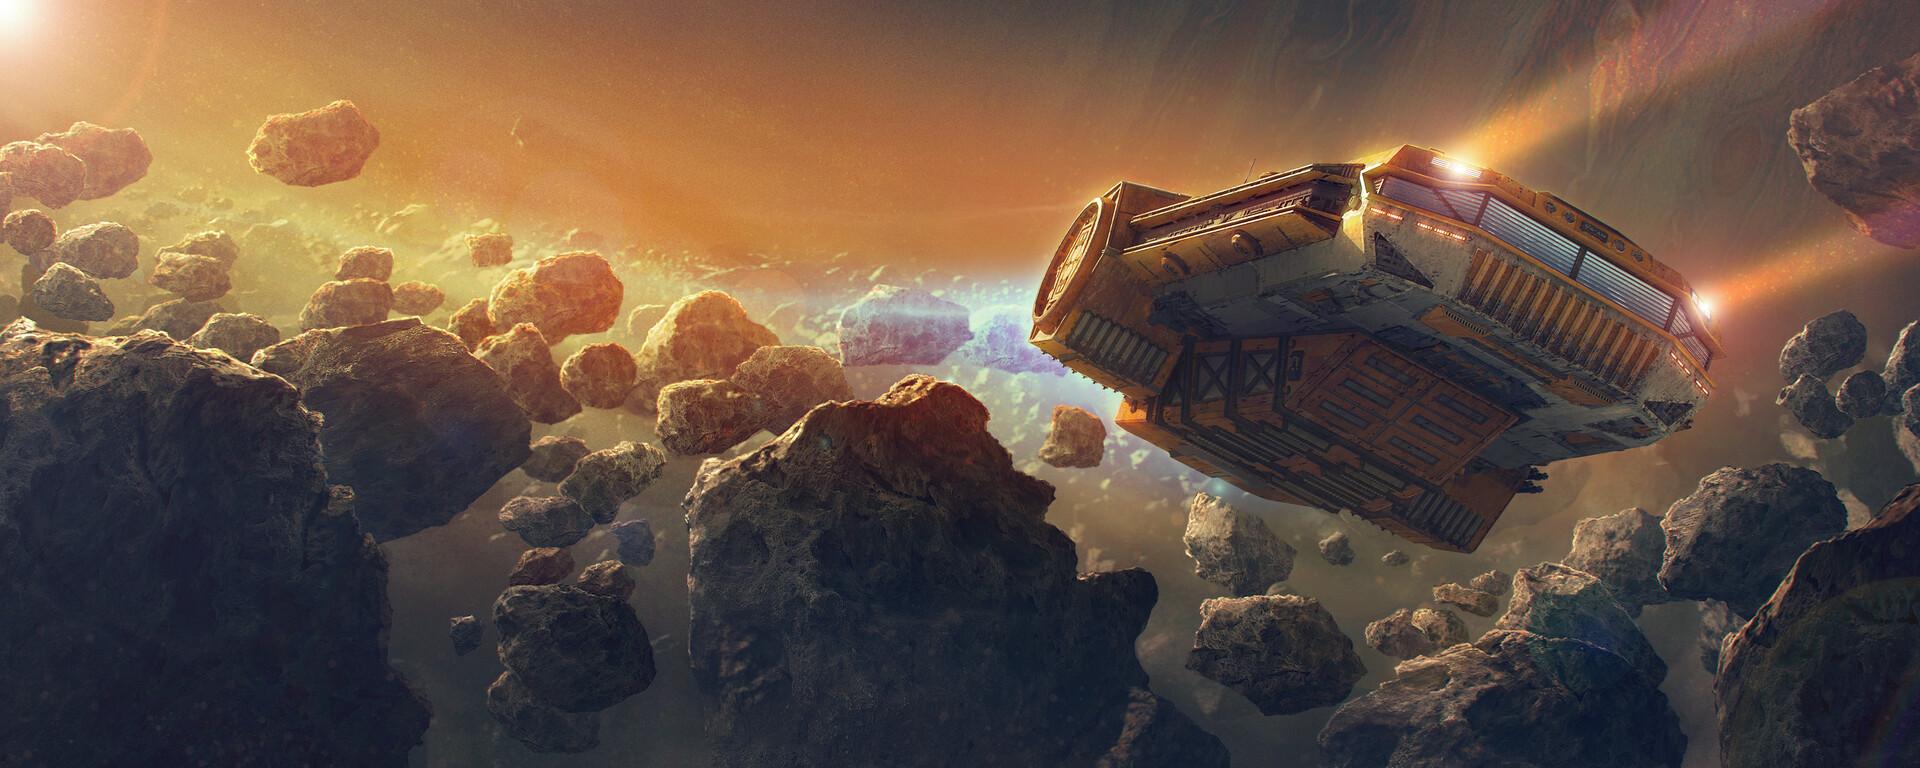 Jordi van hees asteroid field beauty render 005 small